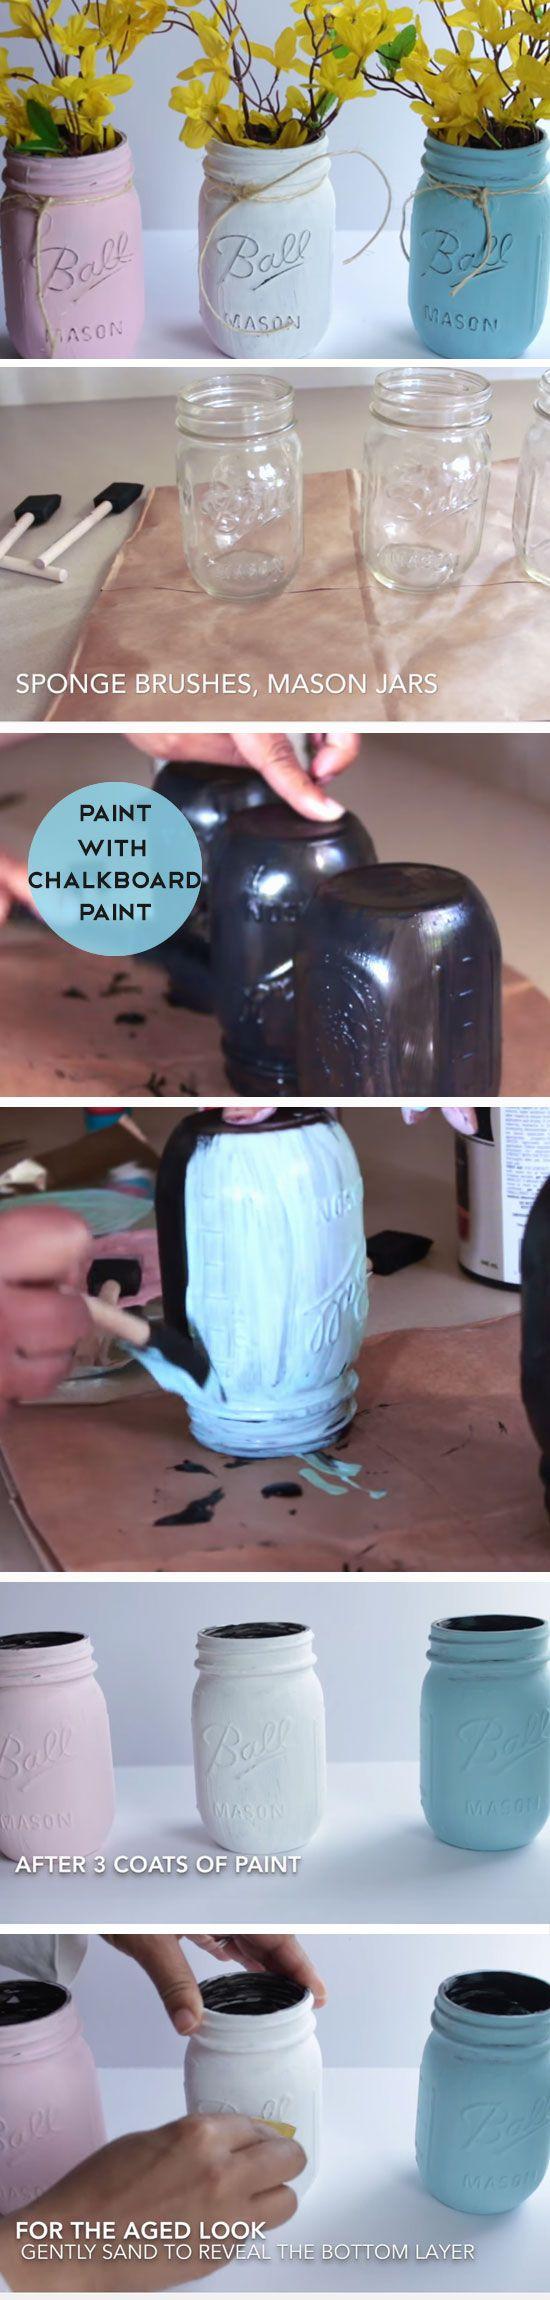 Pastel mason jar vases diy spring table decor center pieces easy